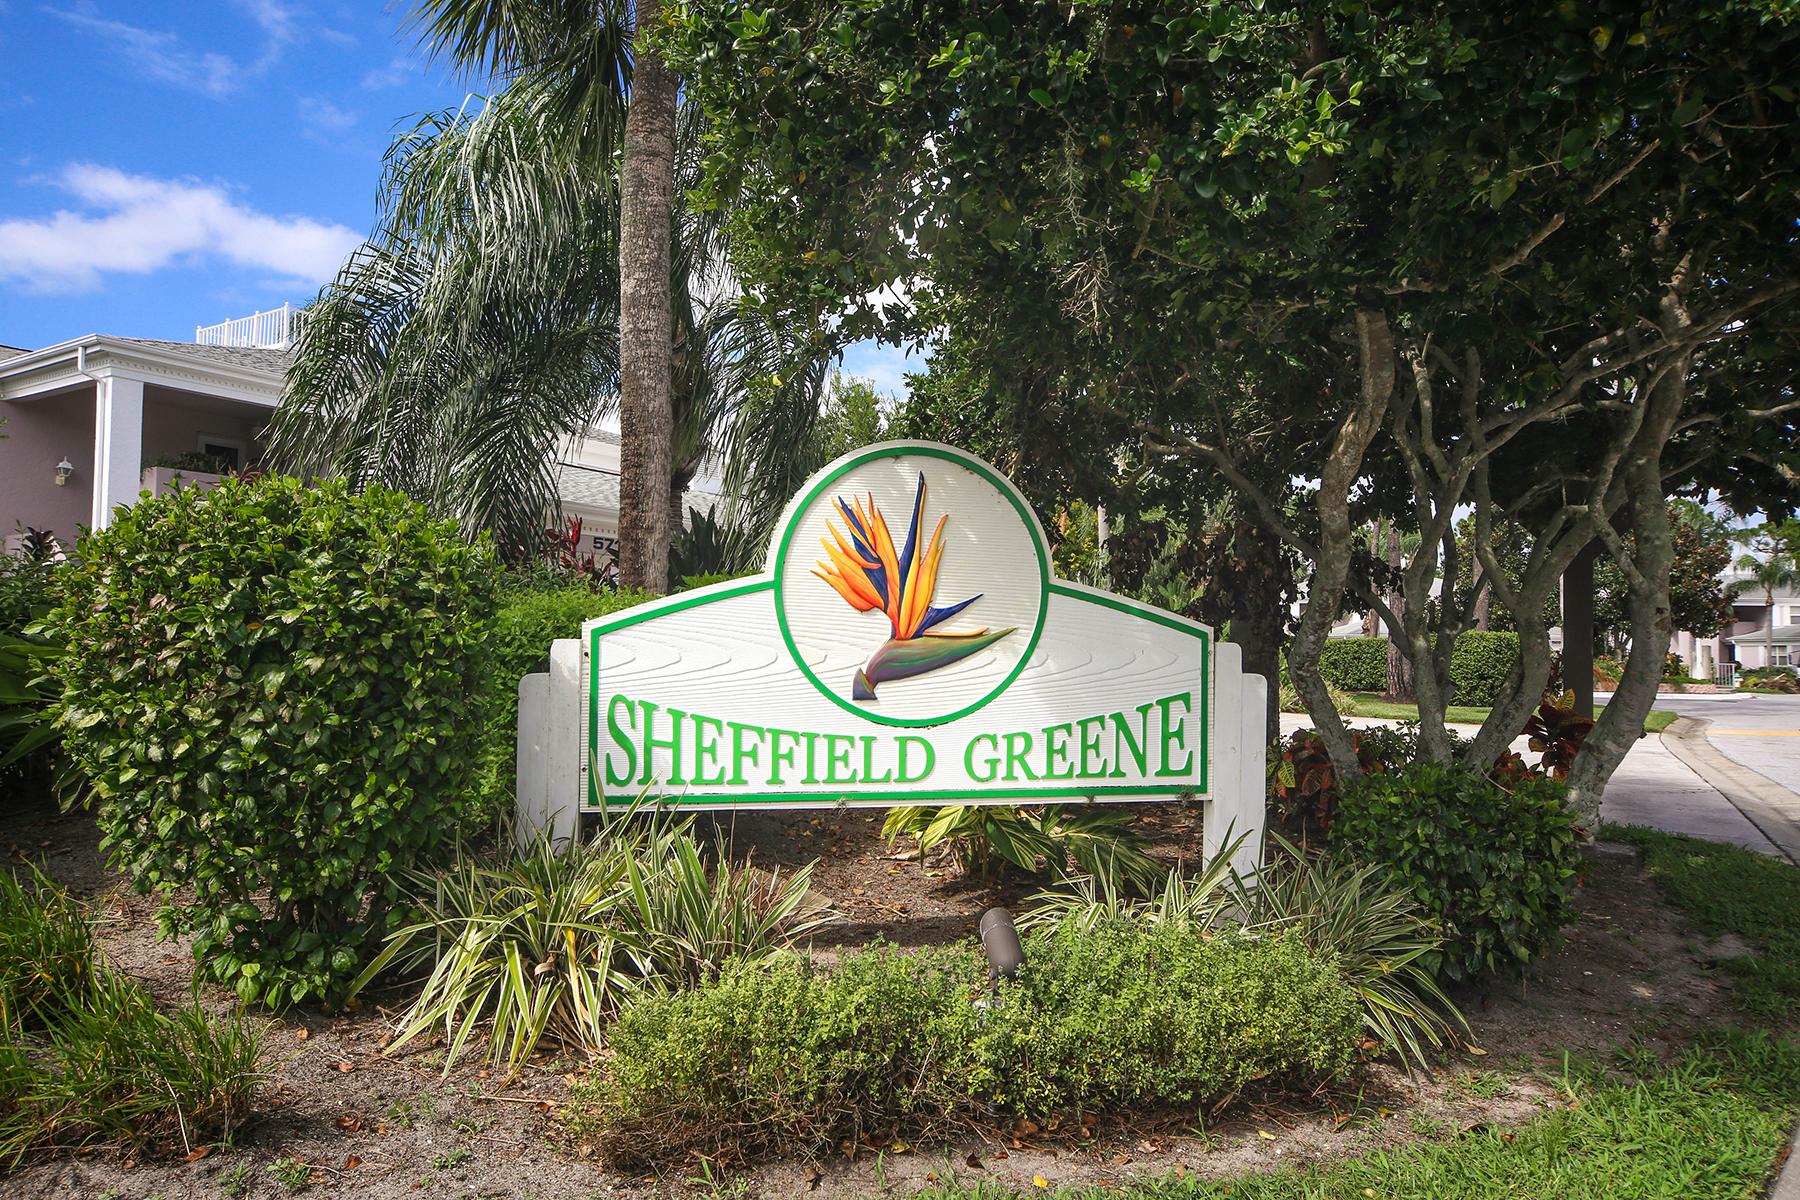 شقة بعمارة للـ Rent في SARASOTA - SHEFFIELD GREEN 5615 Sheffield Greene Circle, #42, Sarasota, Florida, 34235 United States